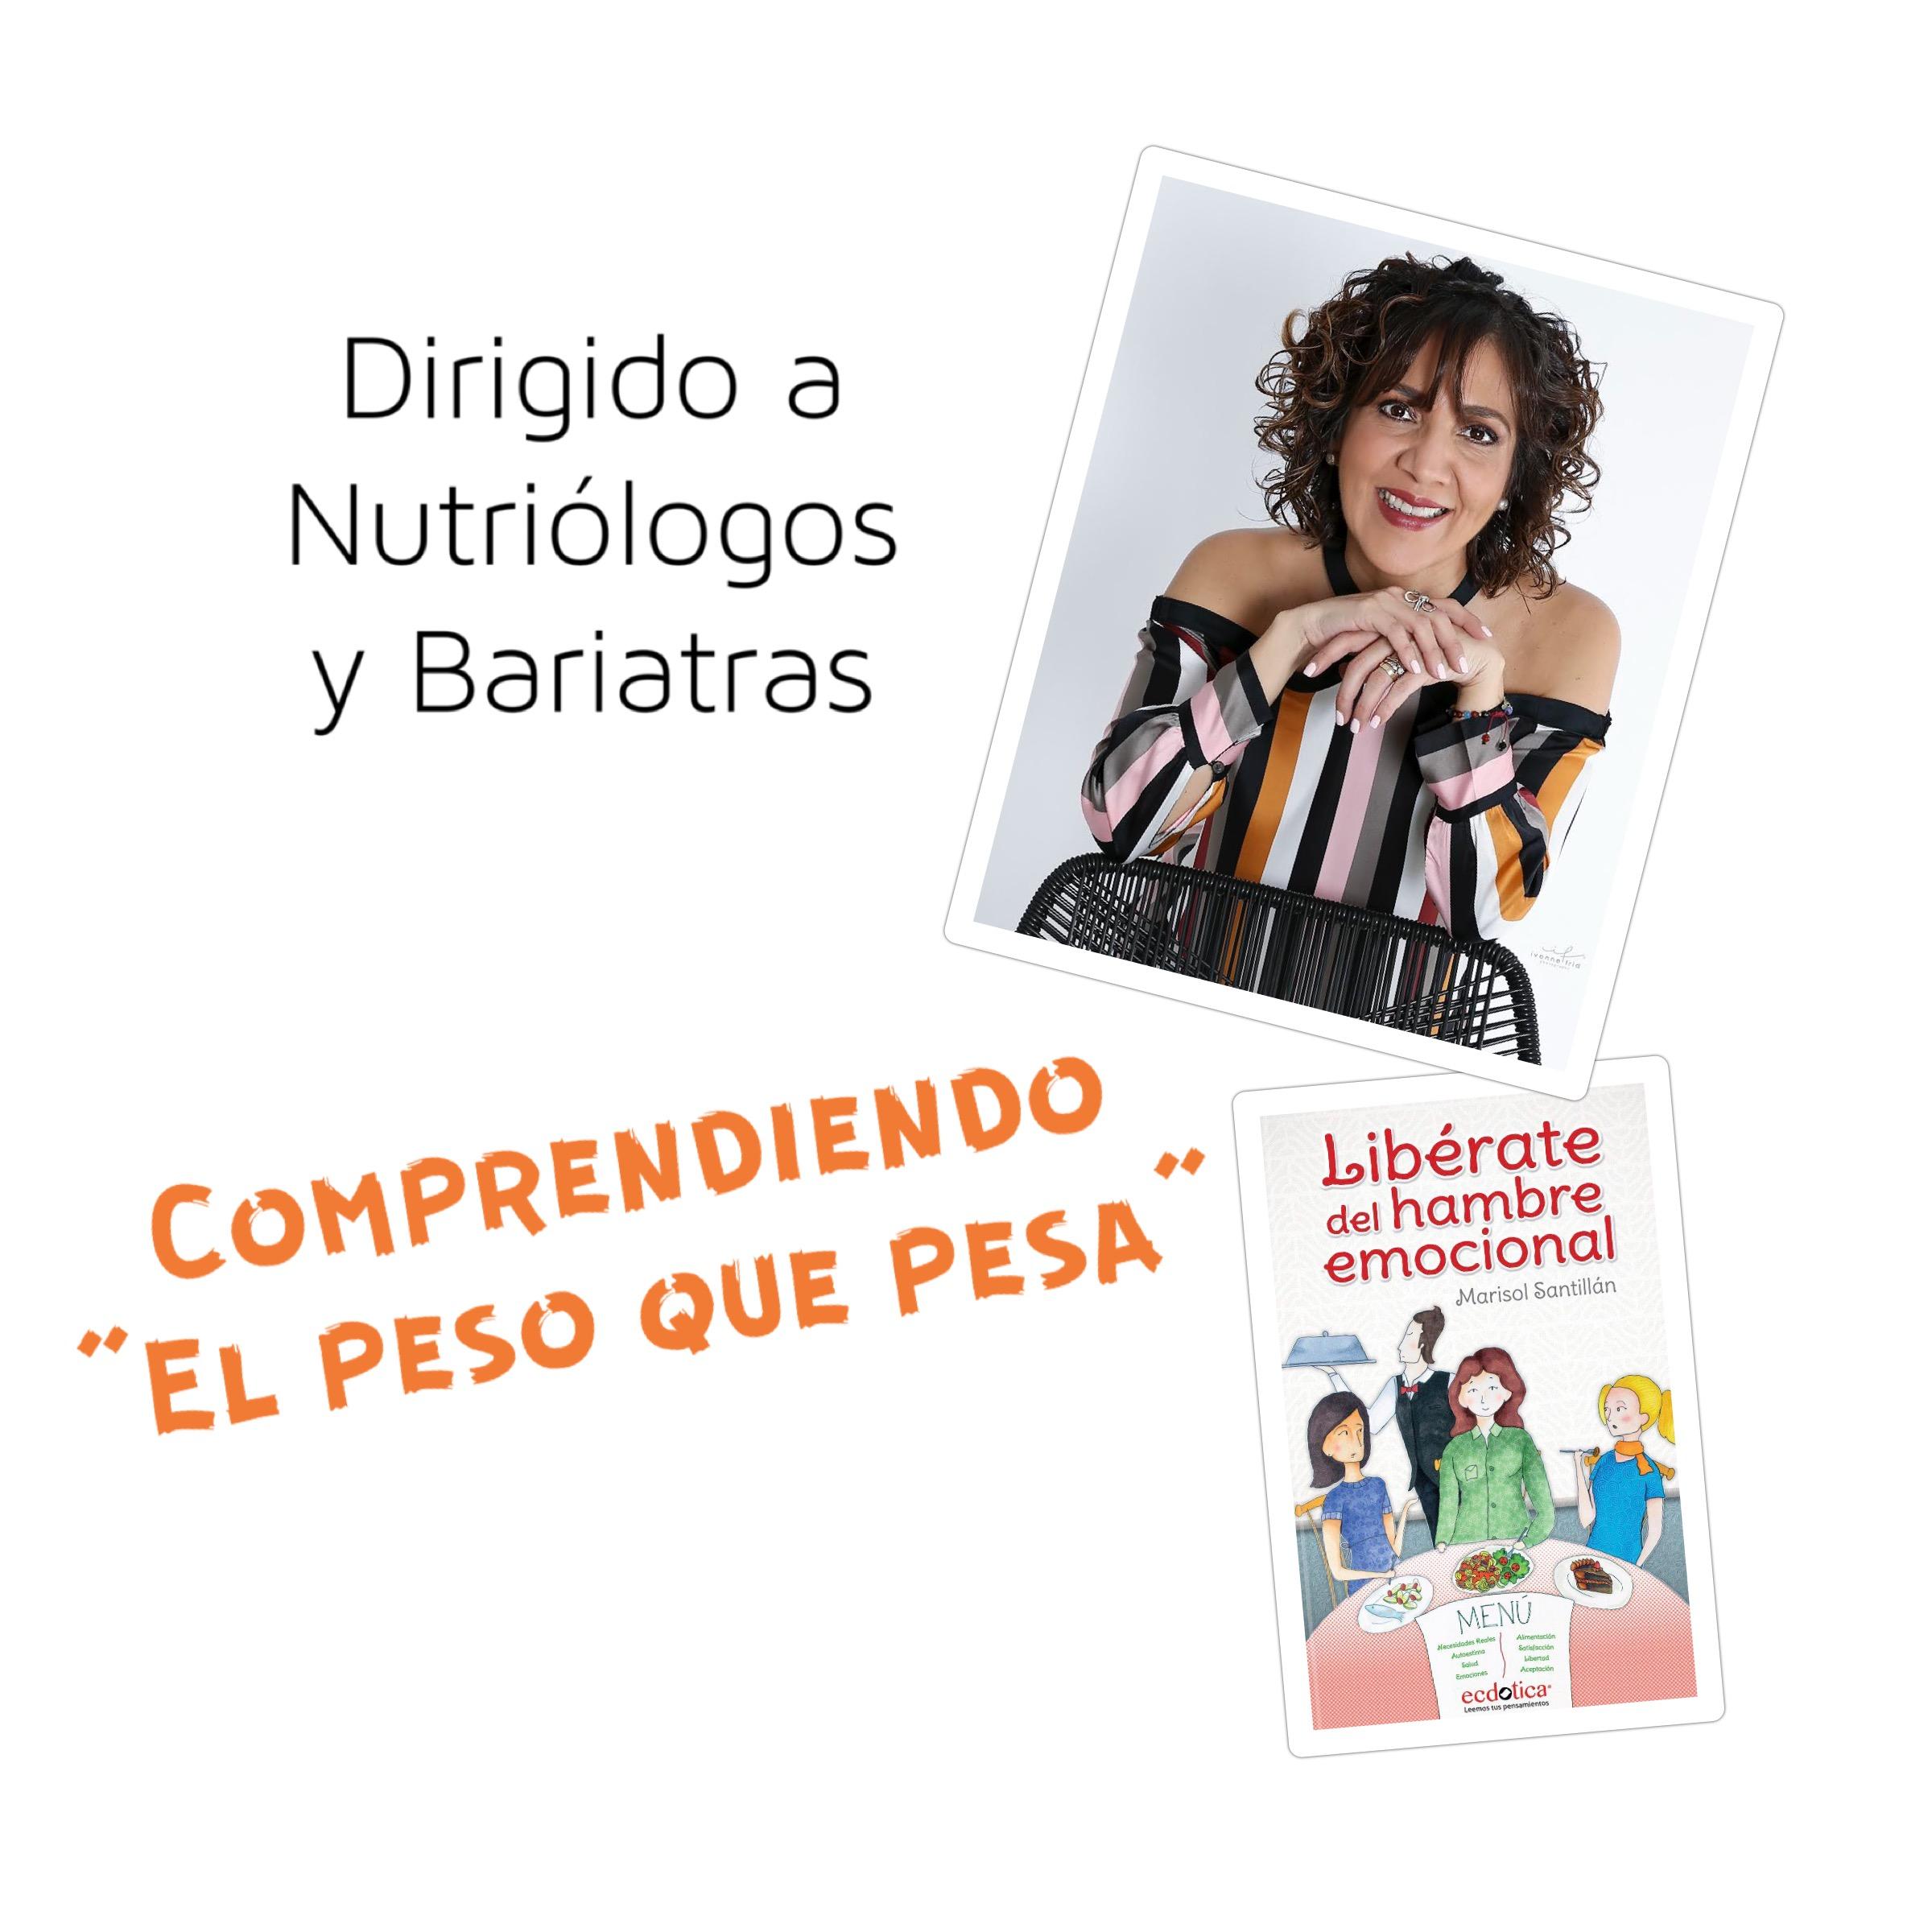 """Comprendiendo """"el peso que PESA"""" octubre 2019."""